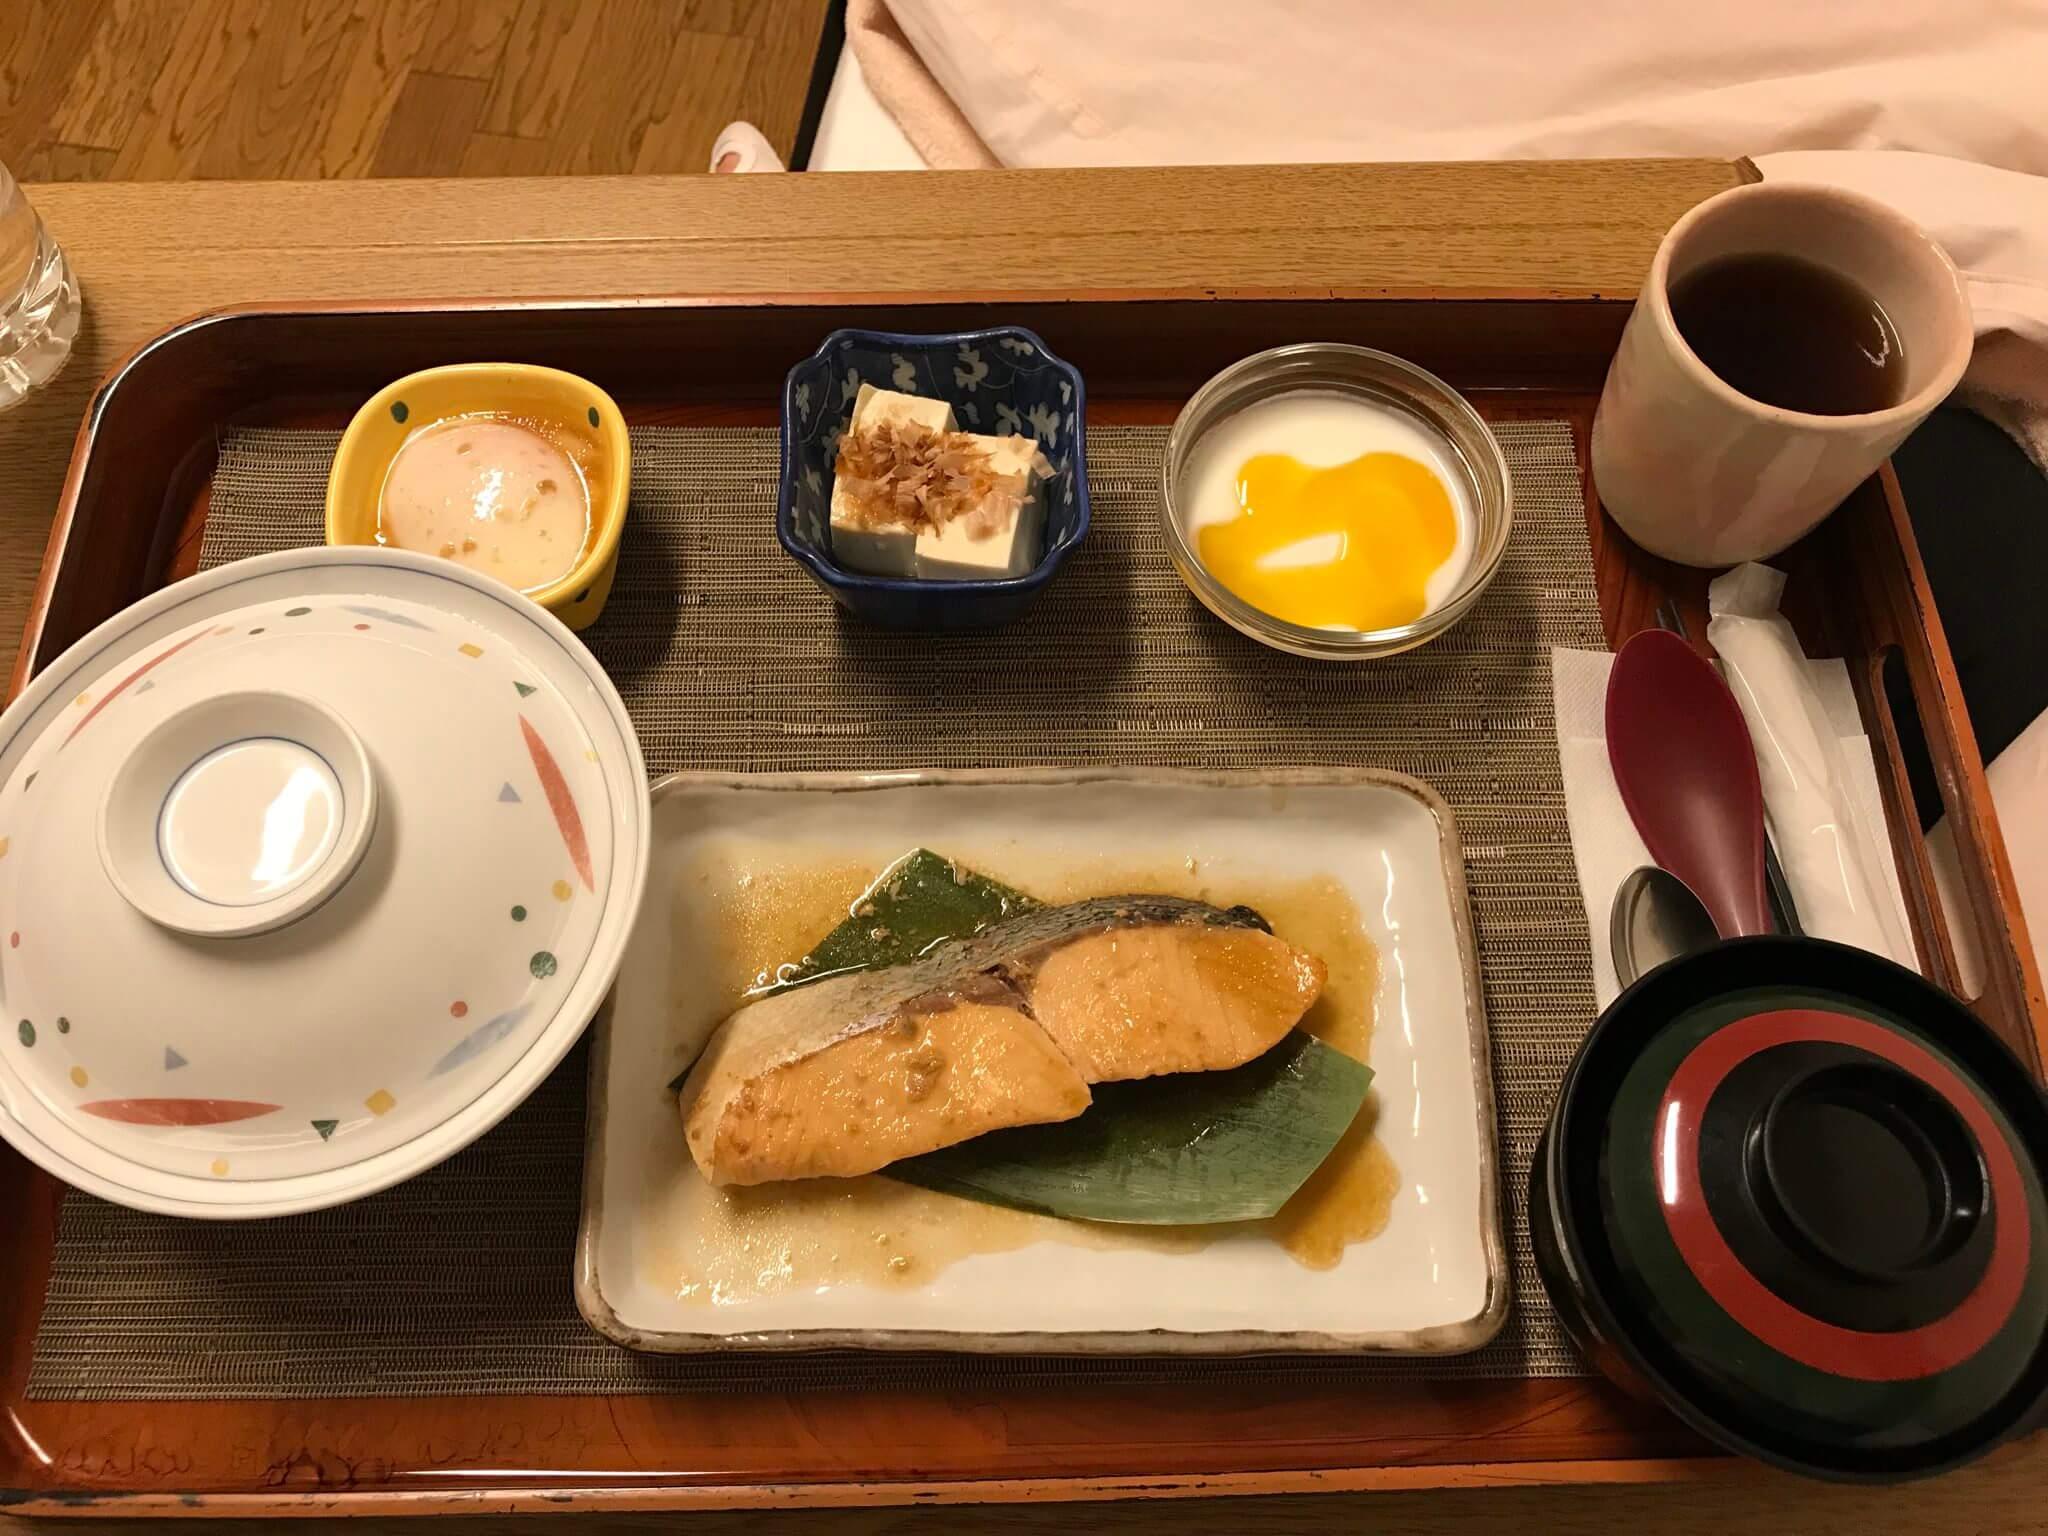 Japanese hospital food 3 (1)